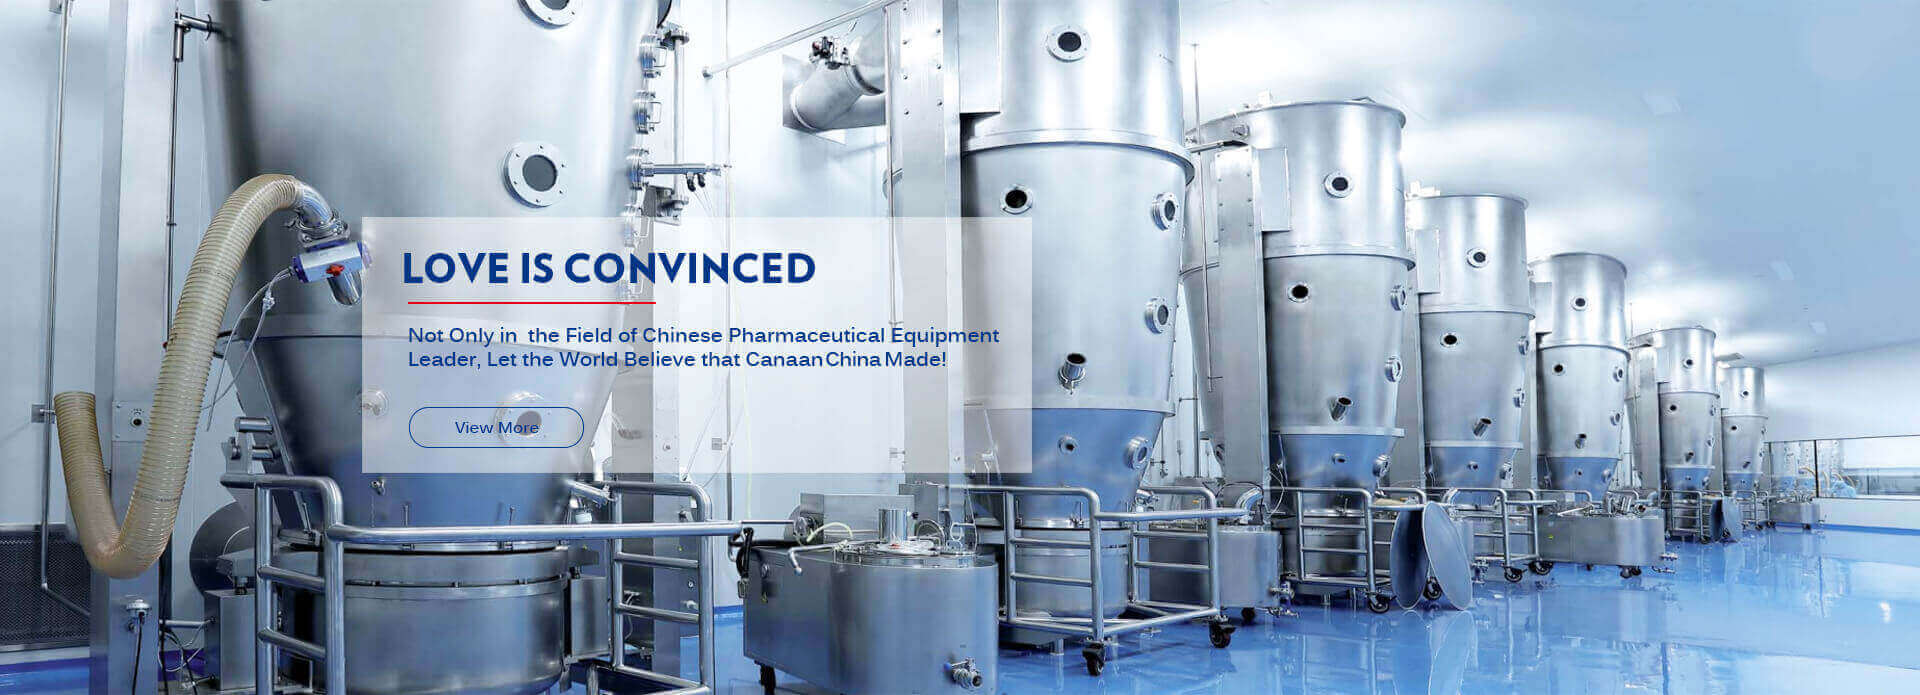 ليس فقط في مجال زعيم المعدات الصيدلانية الصينية، دع العالم يعتقد أن كنعان تشيلي صنع!